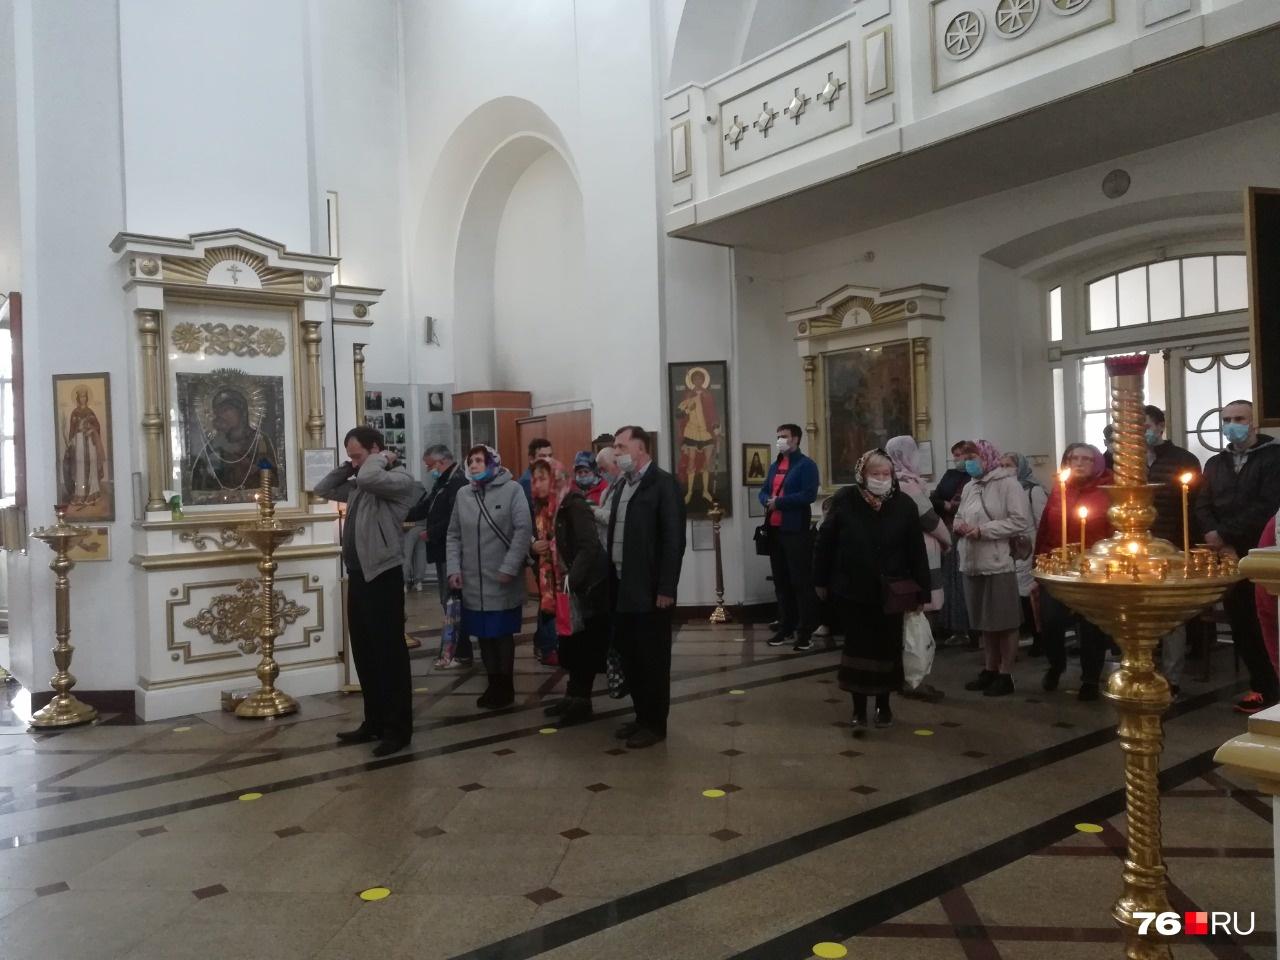 В Казанском монастыре Ярославля впервые прошел трезвеннический молебен